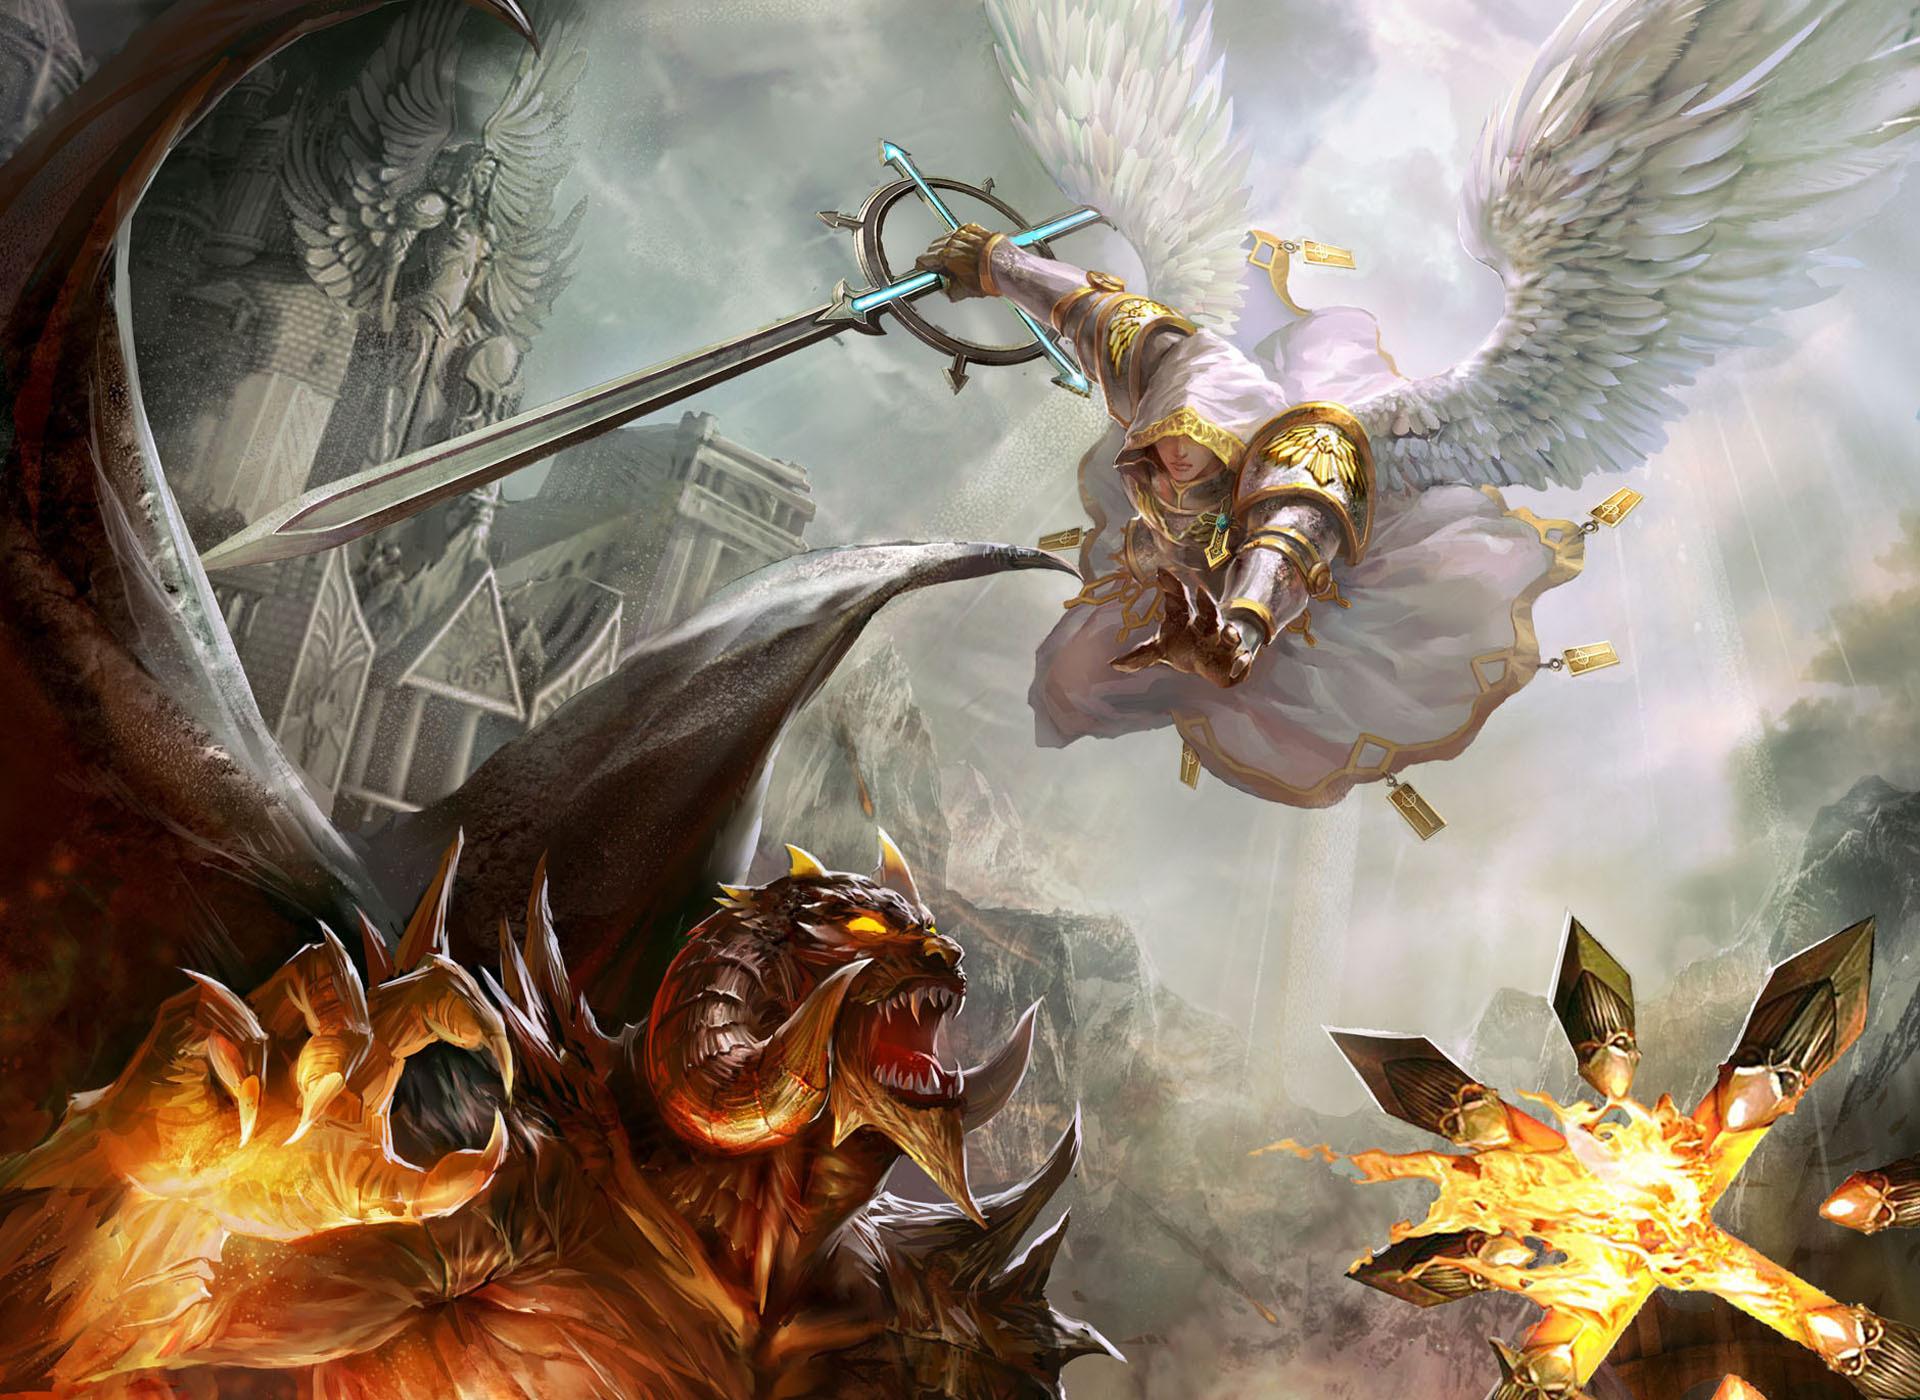 Битва ангела и демона в картинках